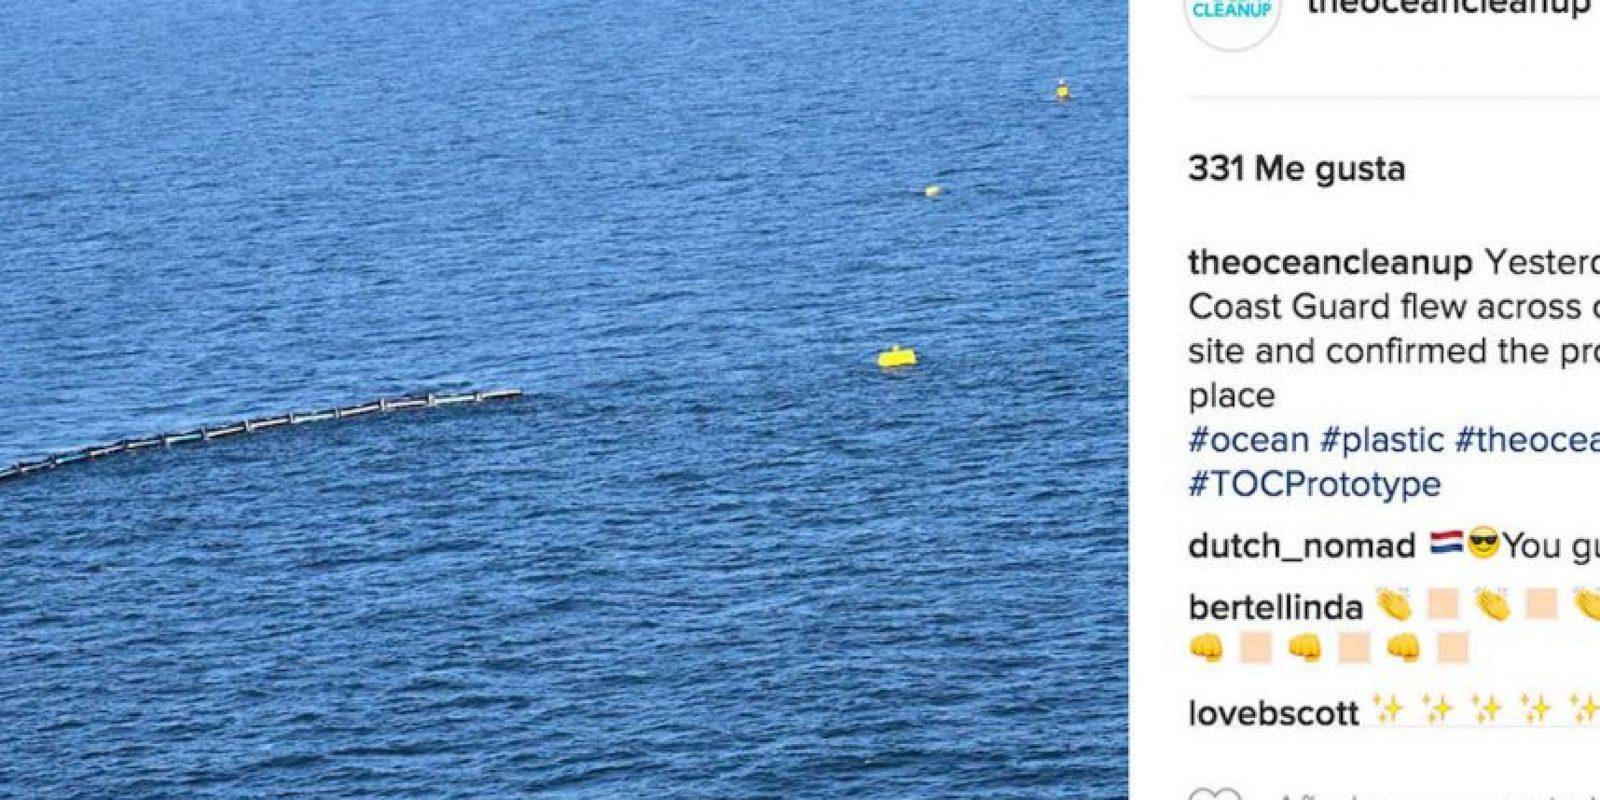 Estos flotantes gigantes se encargarán de limpiar la gran cantidad de basura que flota en el mar. Foto:Instagram theoceancleanup